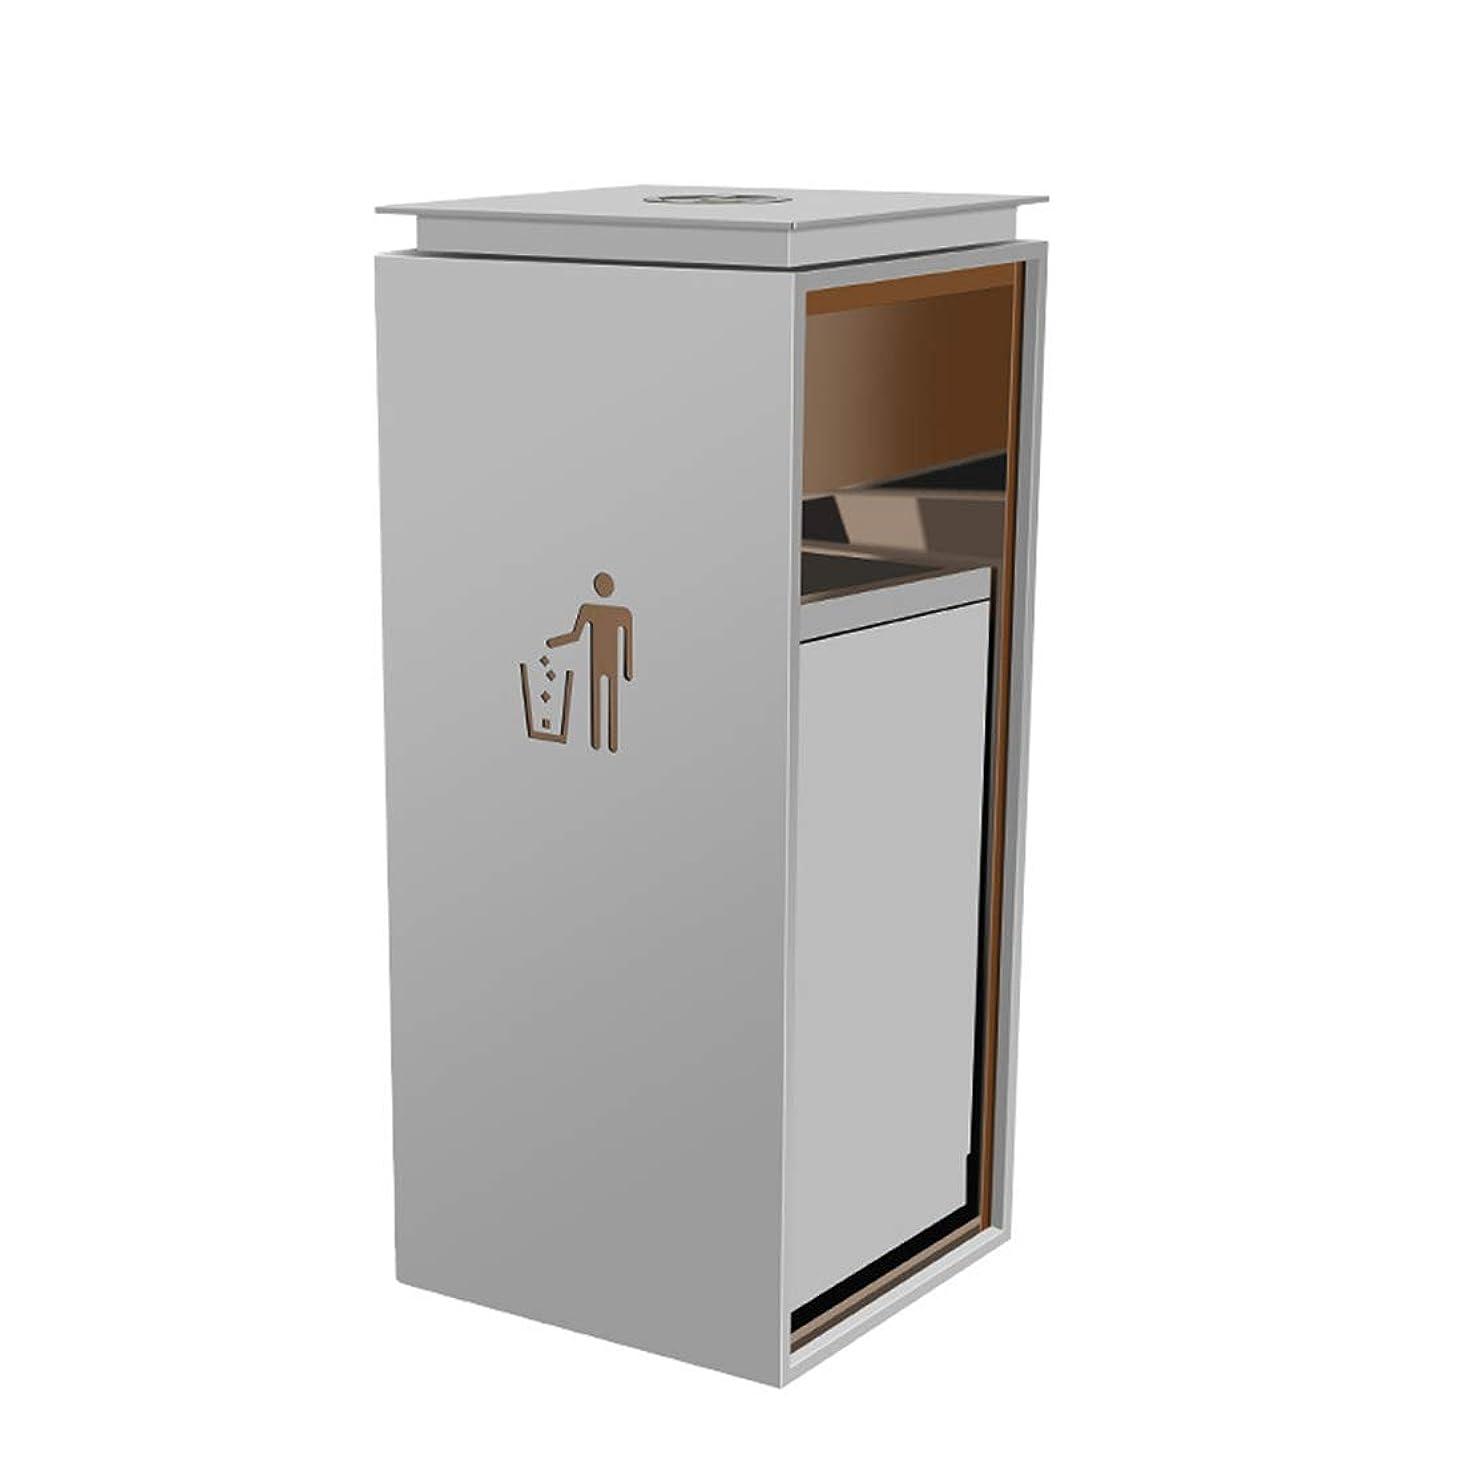 学校信じられない物理学者12Lステンレス鋼のゴミ箱はプッシュアンドプルトラック肥厚ゴミ樽用屋外、ショッピングモール、ホテル、通り